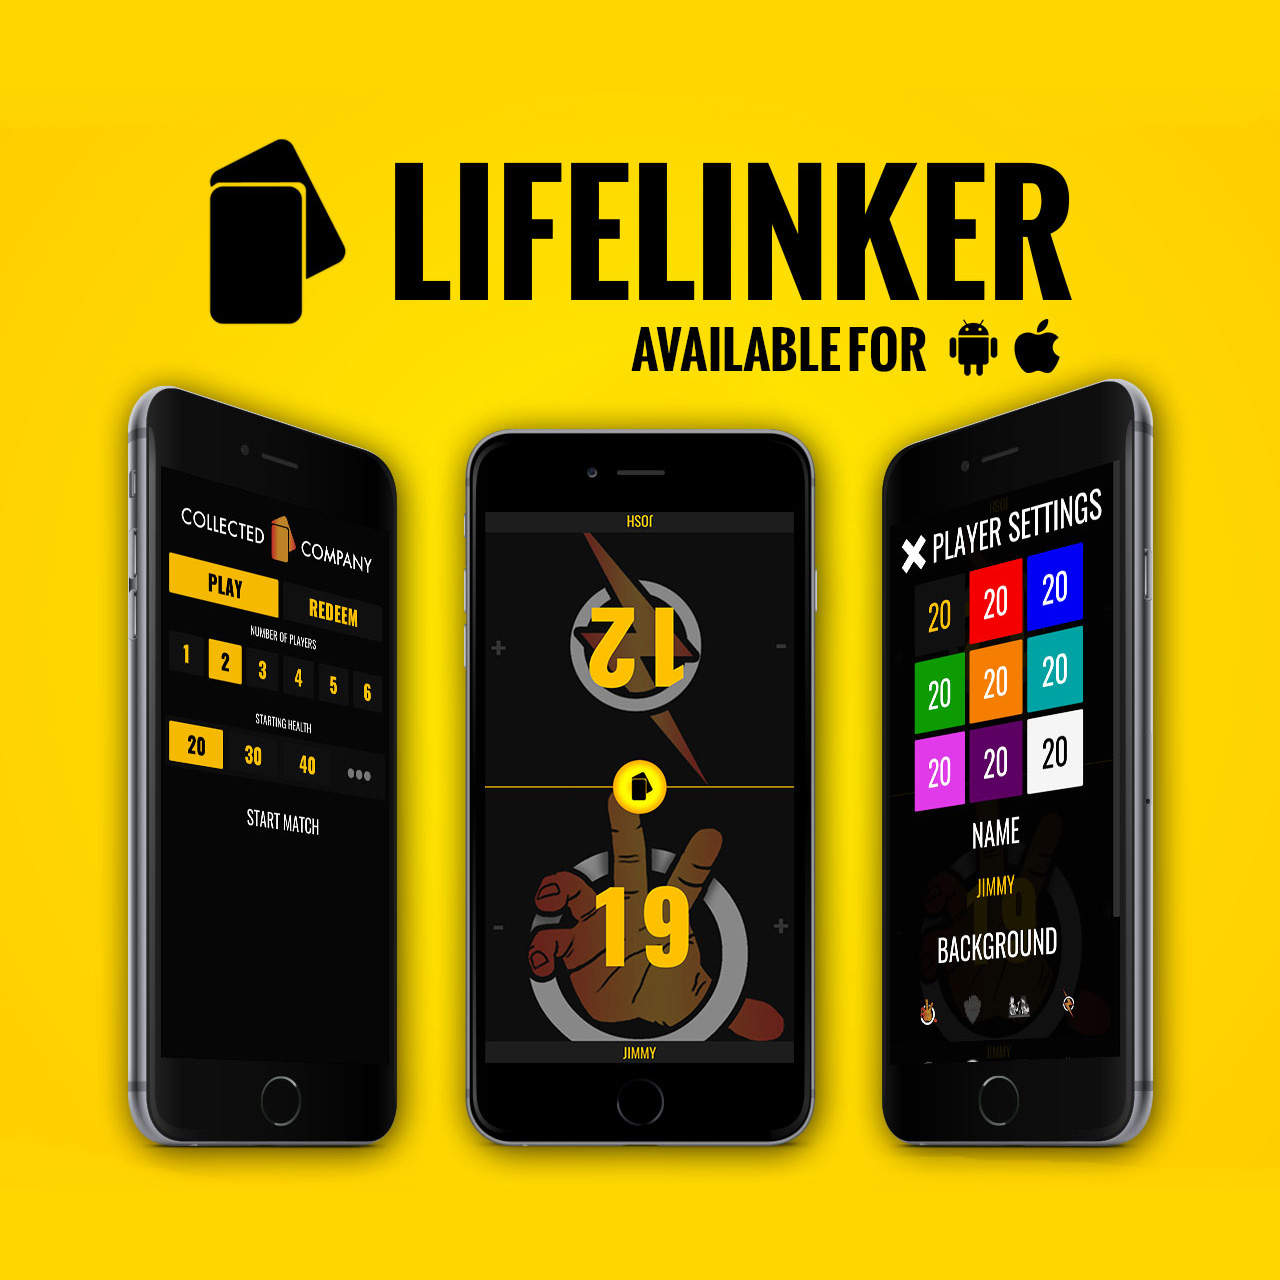 Lifelinker